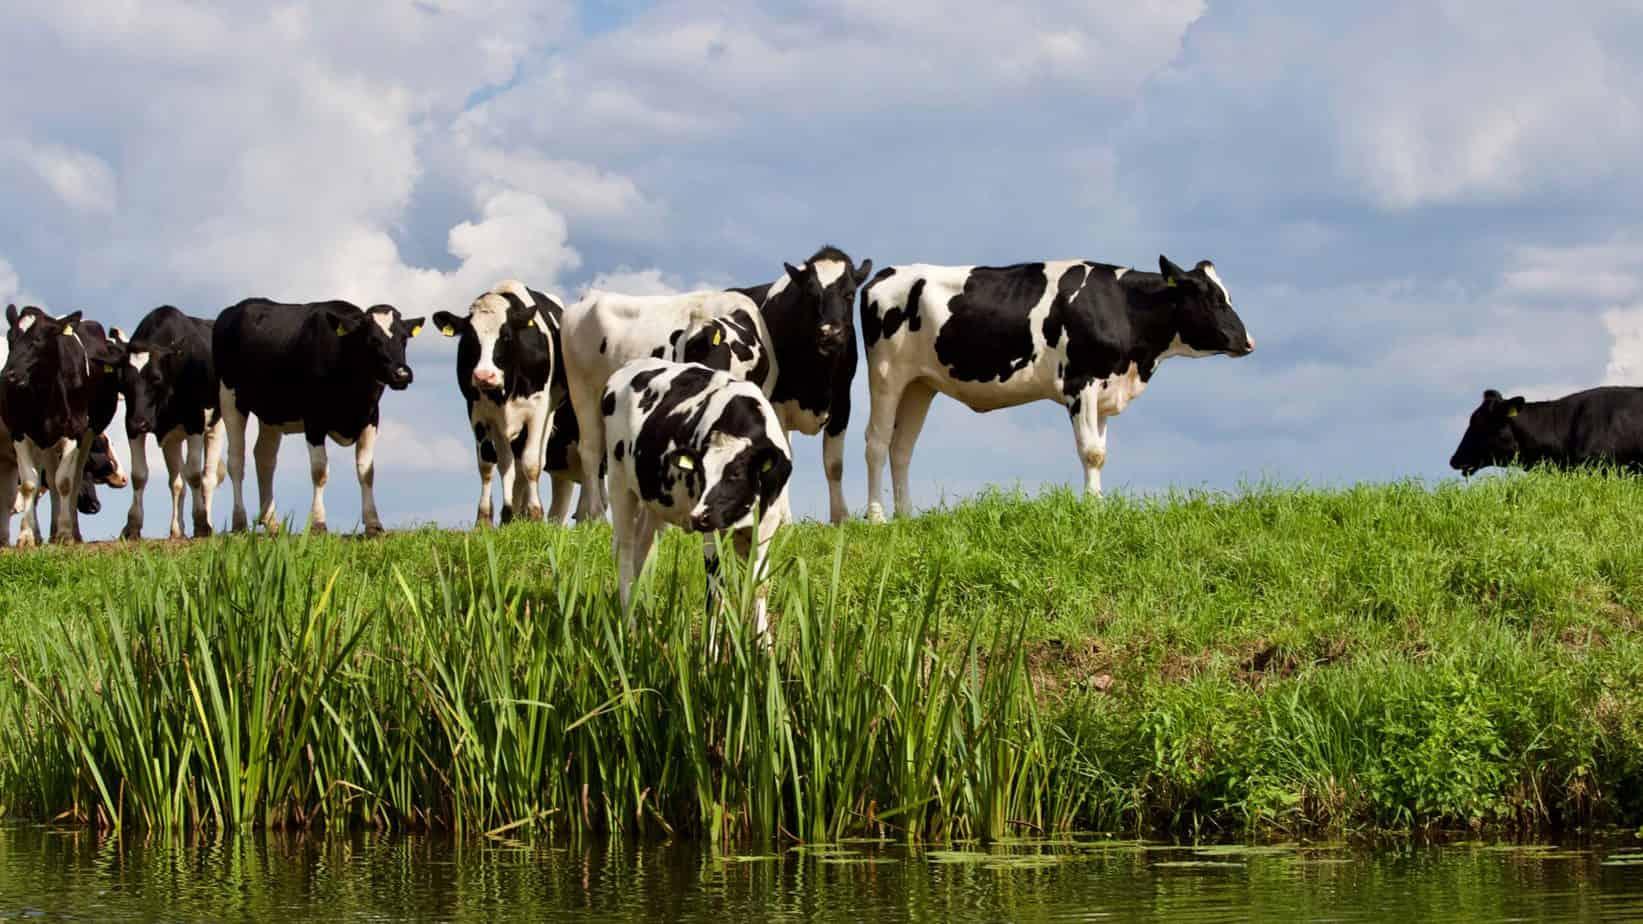 The Milk Producers Organisations (MPO), Chief Economist Bertus van Heerden believes the future of dairy farming in Mzansi is not bleak.